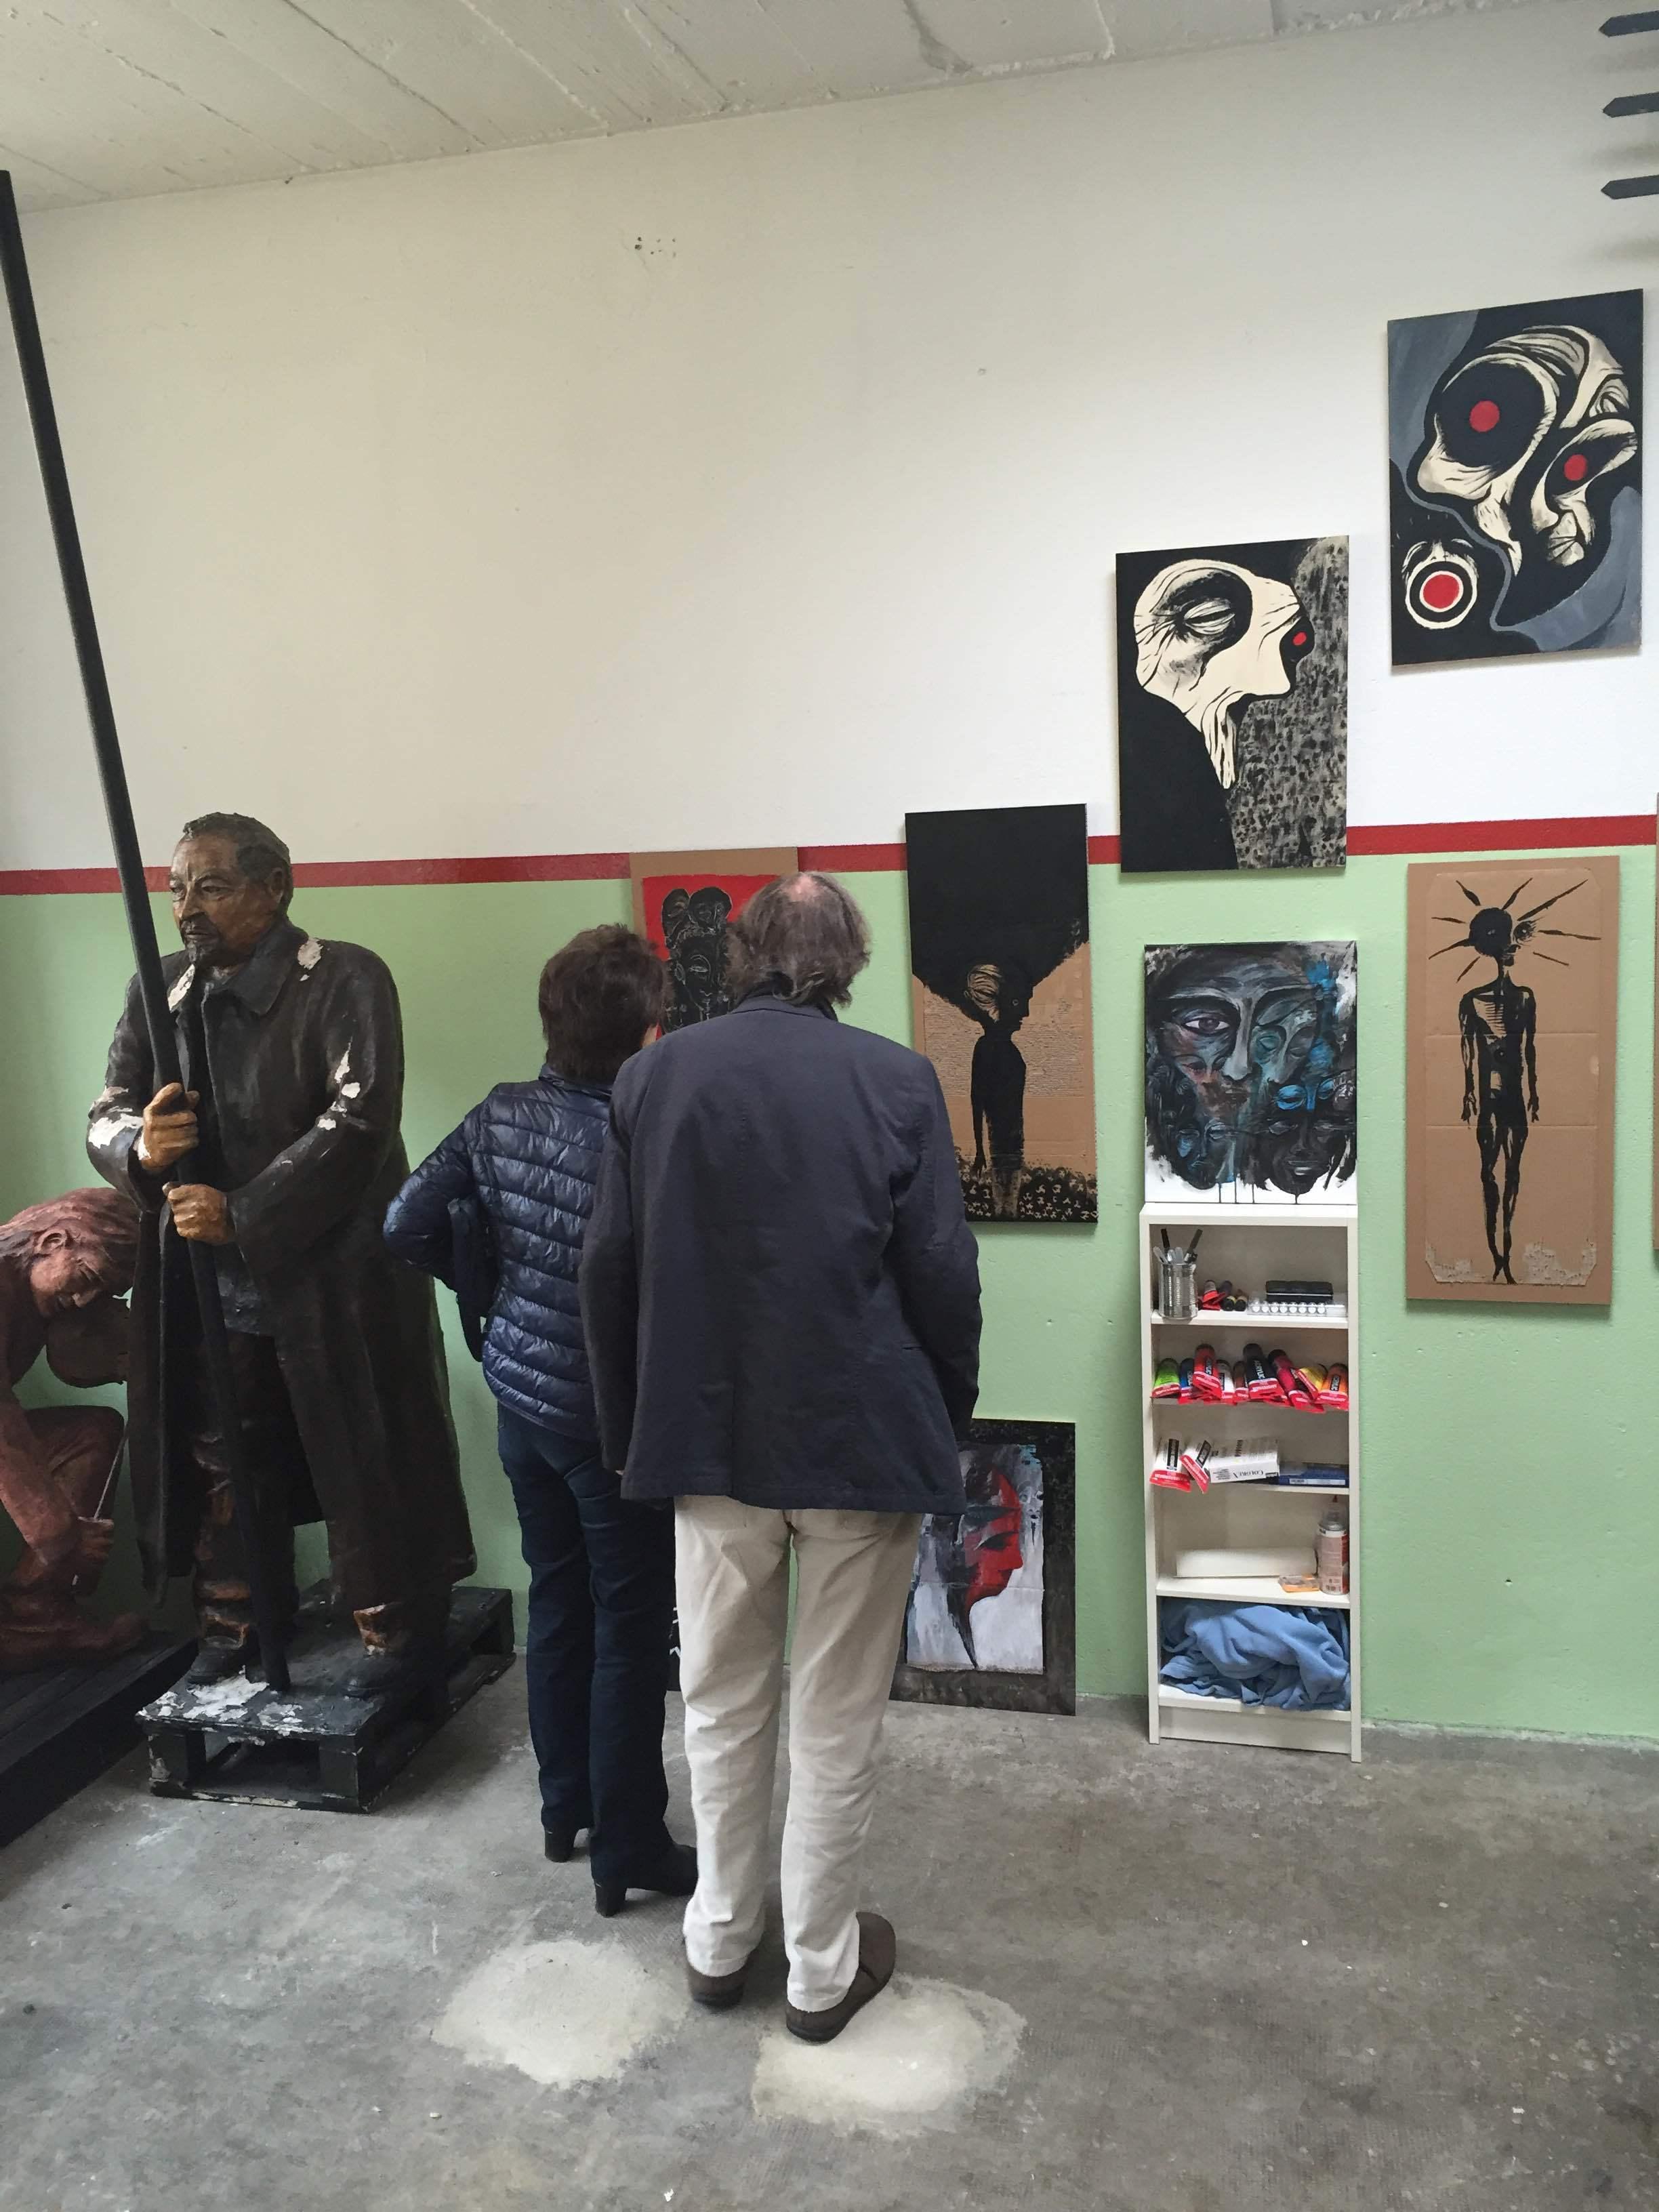 Des visiteurs devant mes dessins et peintures. A gauche, sculpture de Maurice Béjart par Didier Guex.